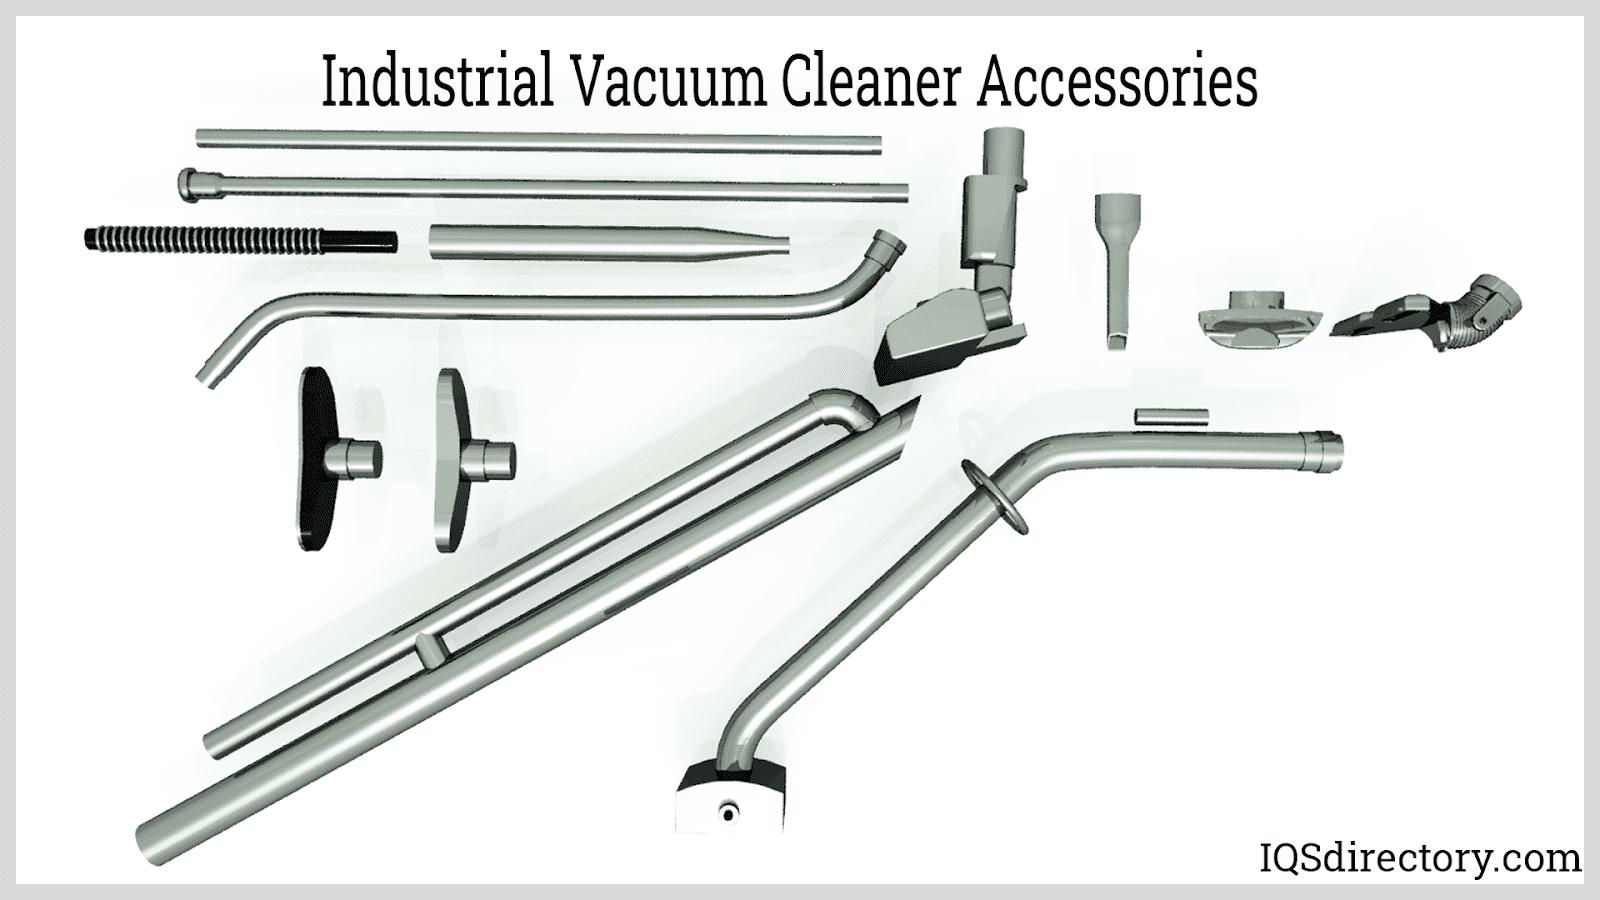 Industrial Vacuum Cleaner Accessories